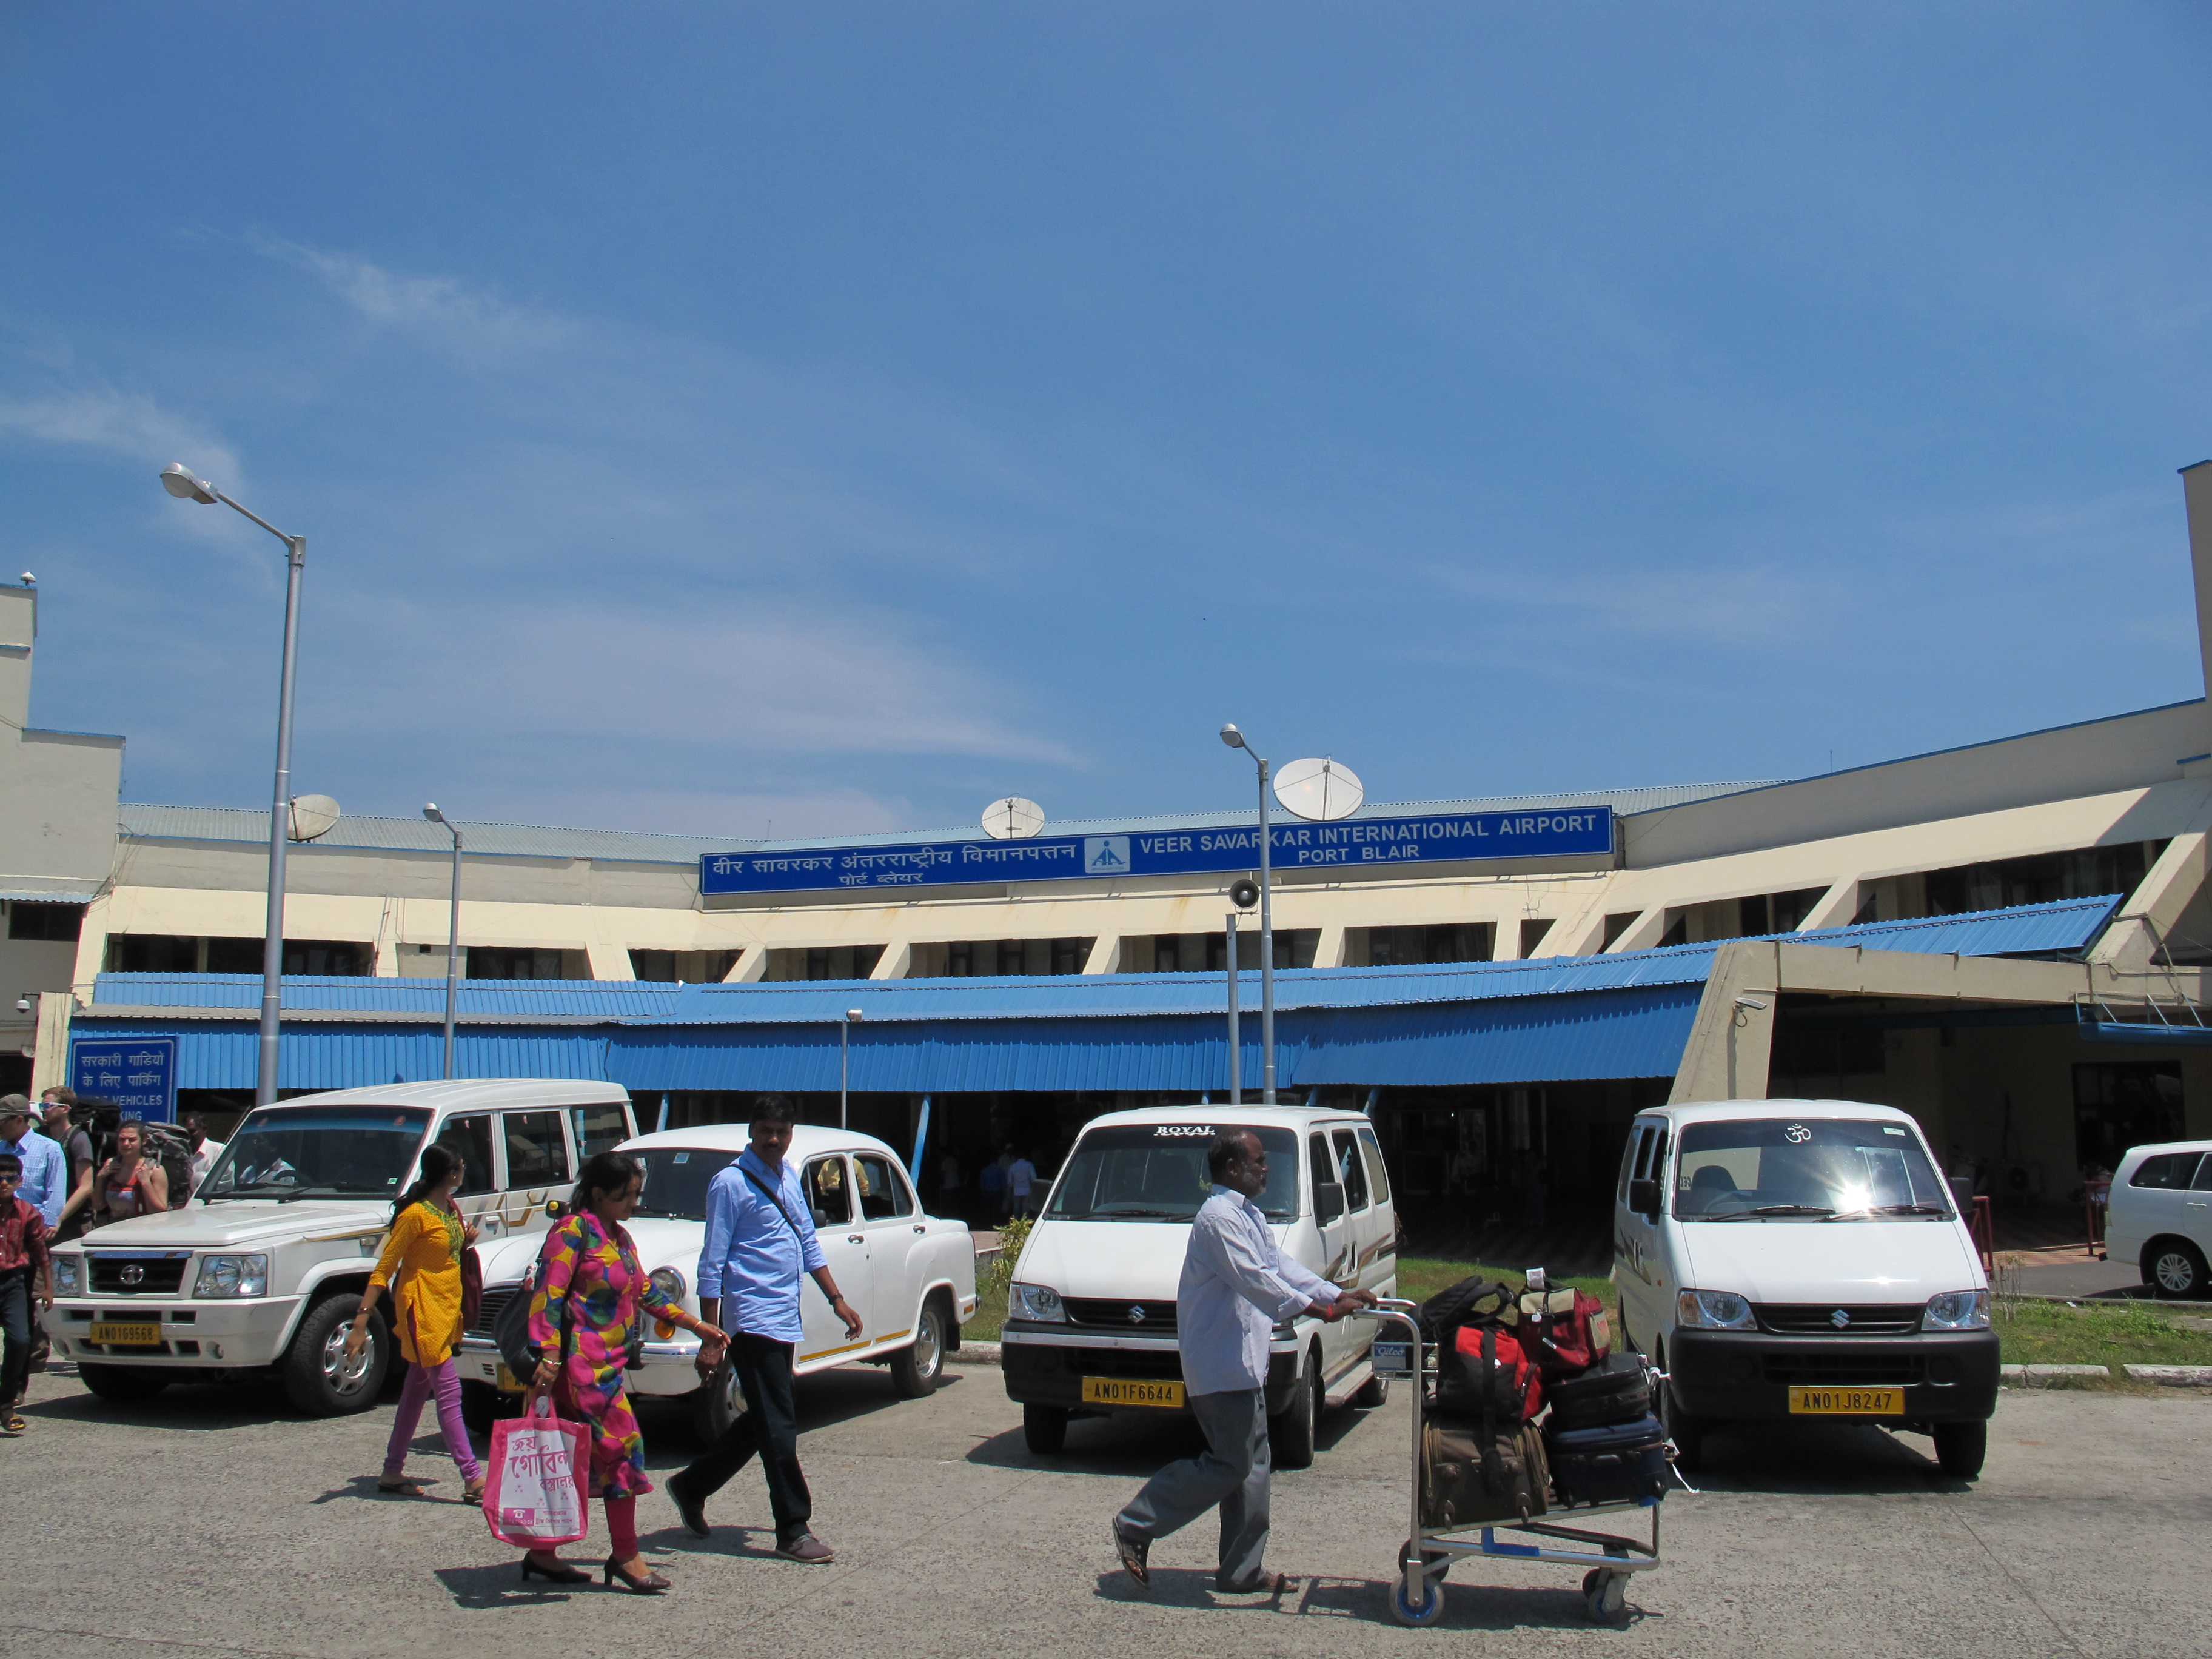 Международный Аэропорт Вир Саваркар, Порт Блэр, Индия